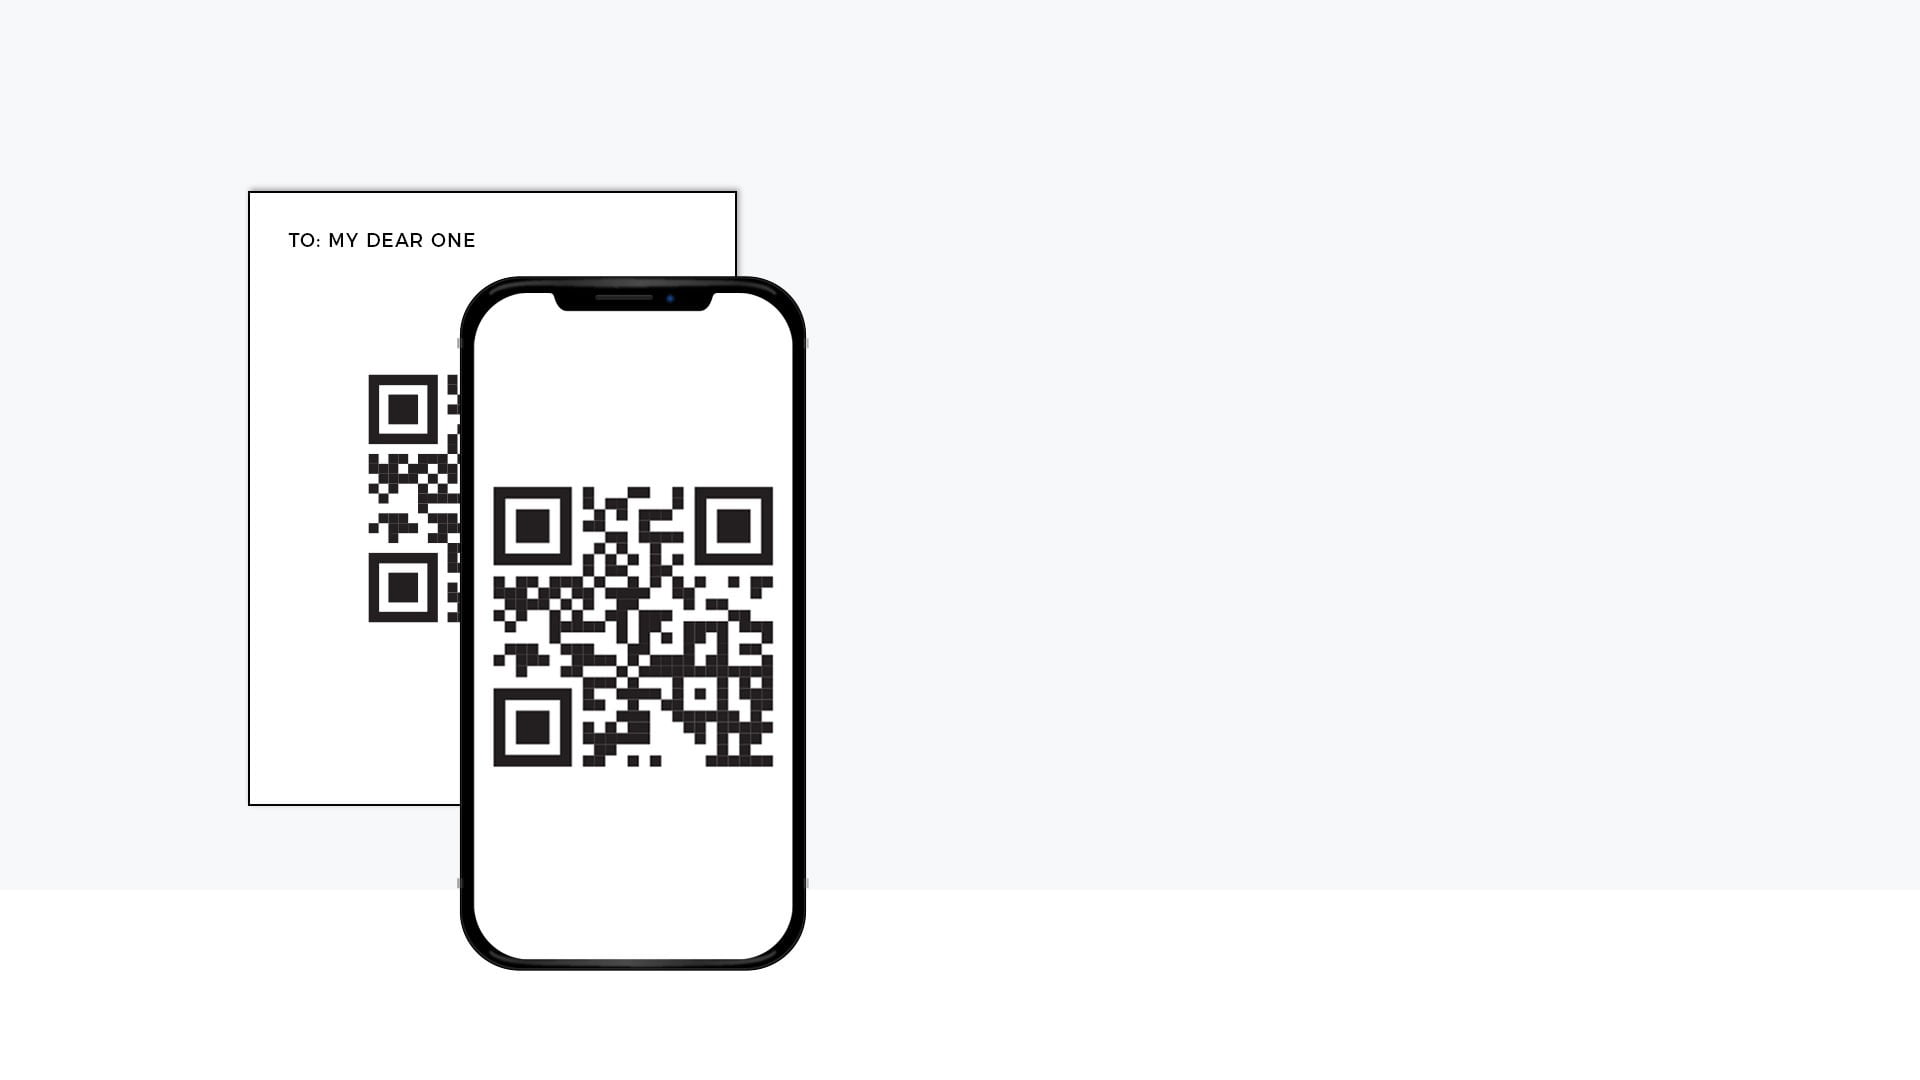 Scan QR Code v2